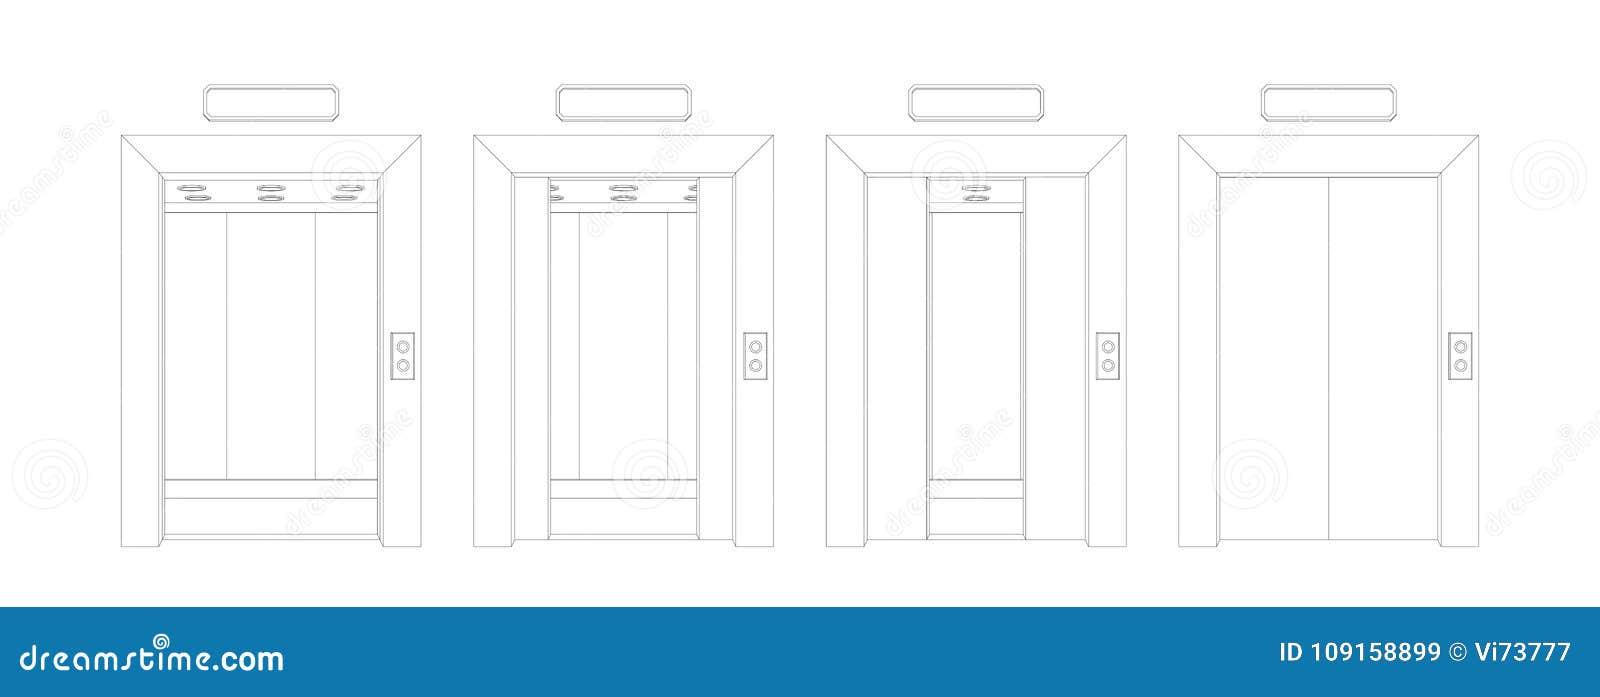 Outline open and closed elevator doors. Front view door vector illustration.  sc 1 st  Dreamstime.com & Outline Open And Closed Elevator Doors. Front View Door Vector ...